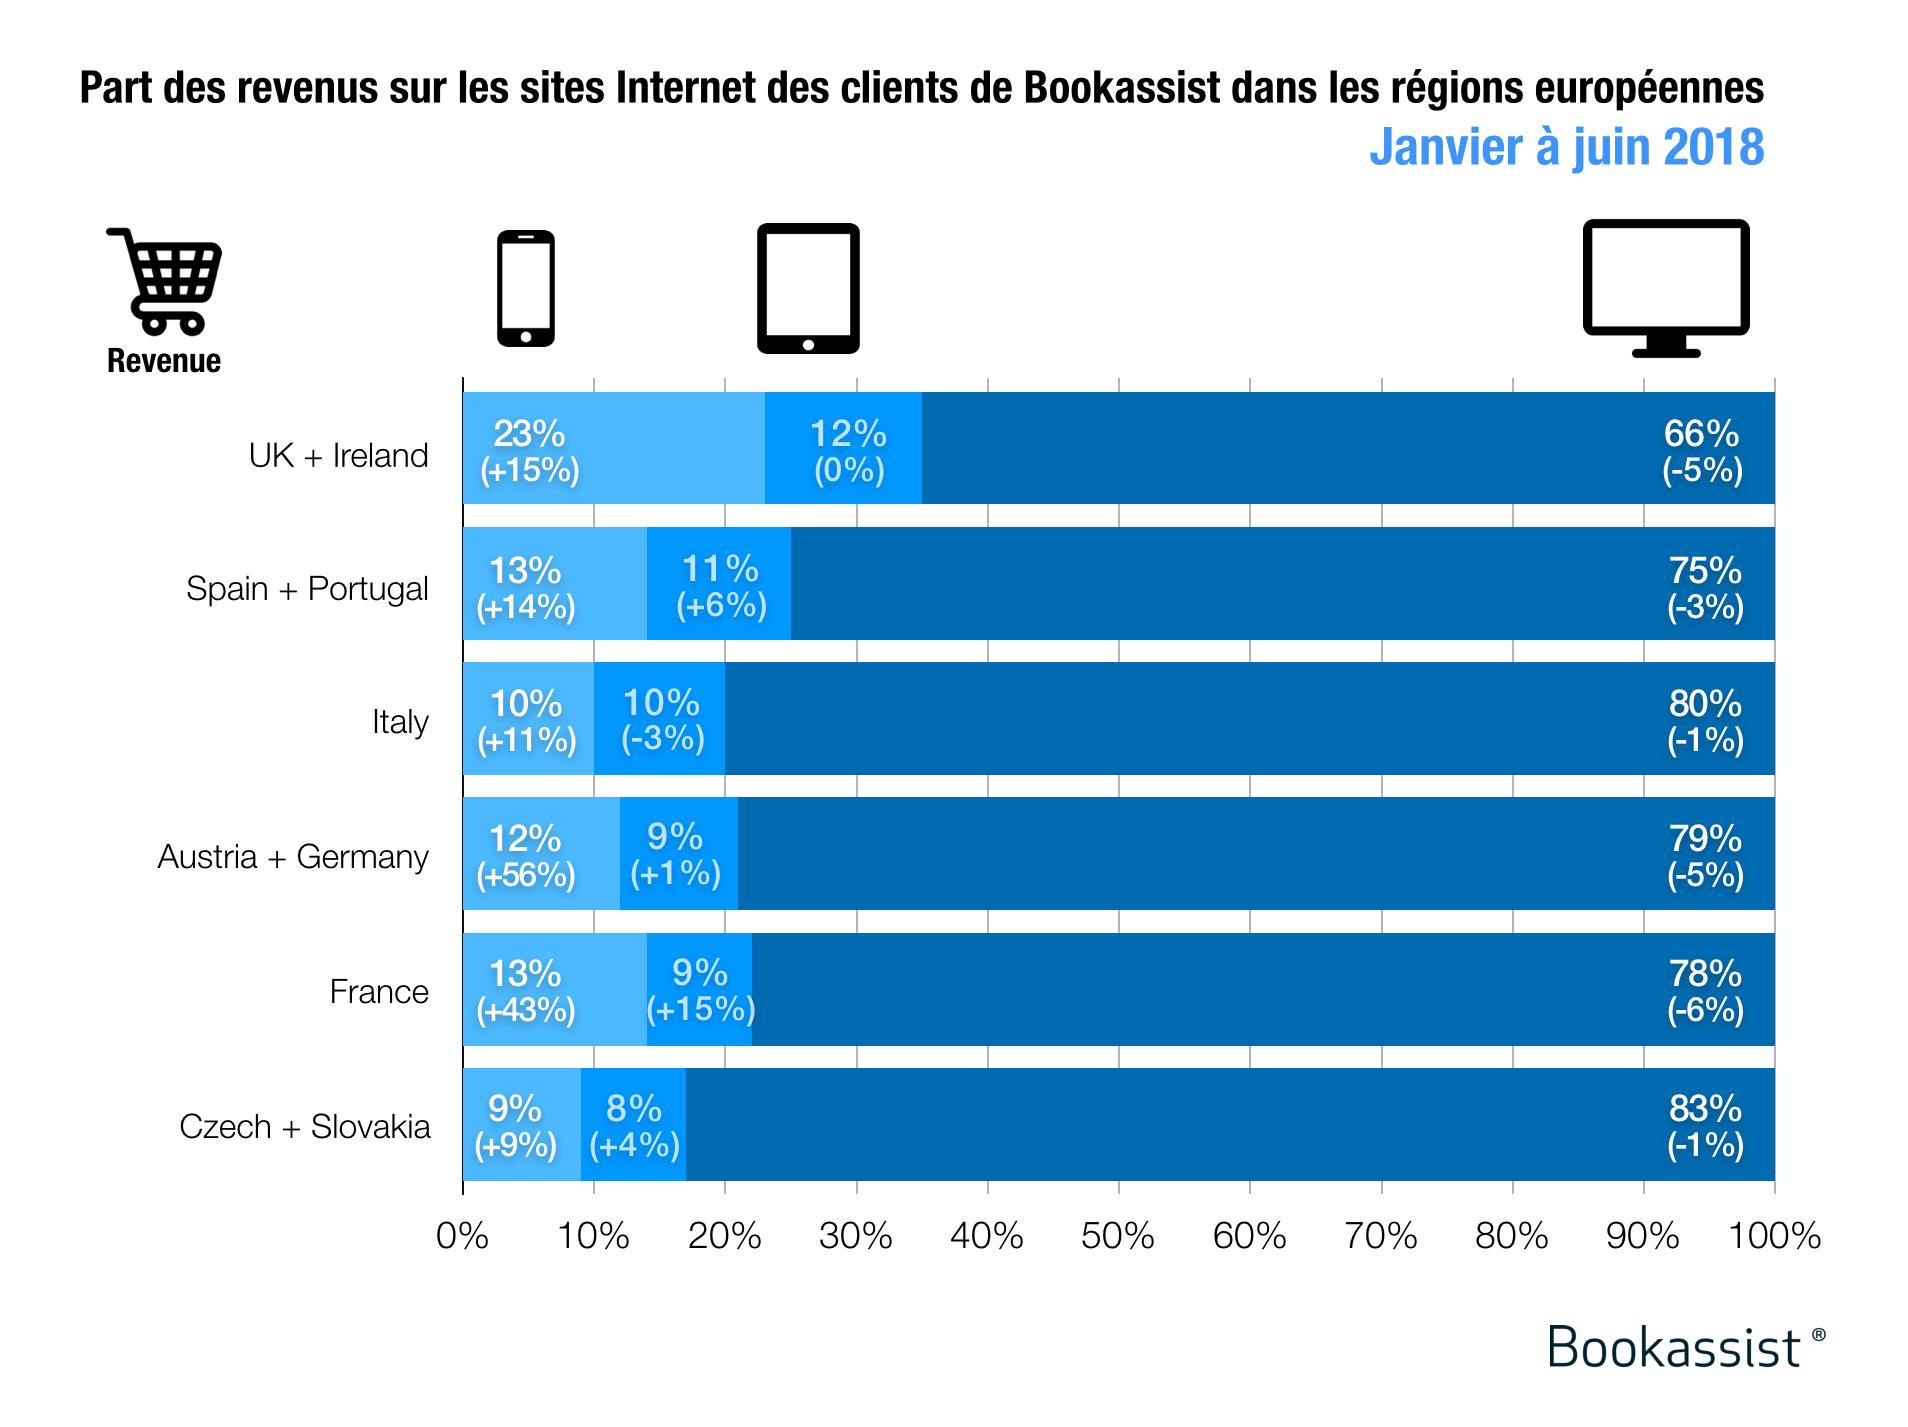 Part de revenus par dispositif sur les sites Internet des hôtels clients de Bookassist en Europe, de janvier à juin 2018